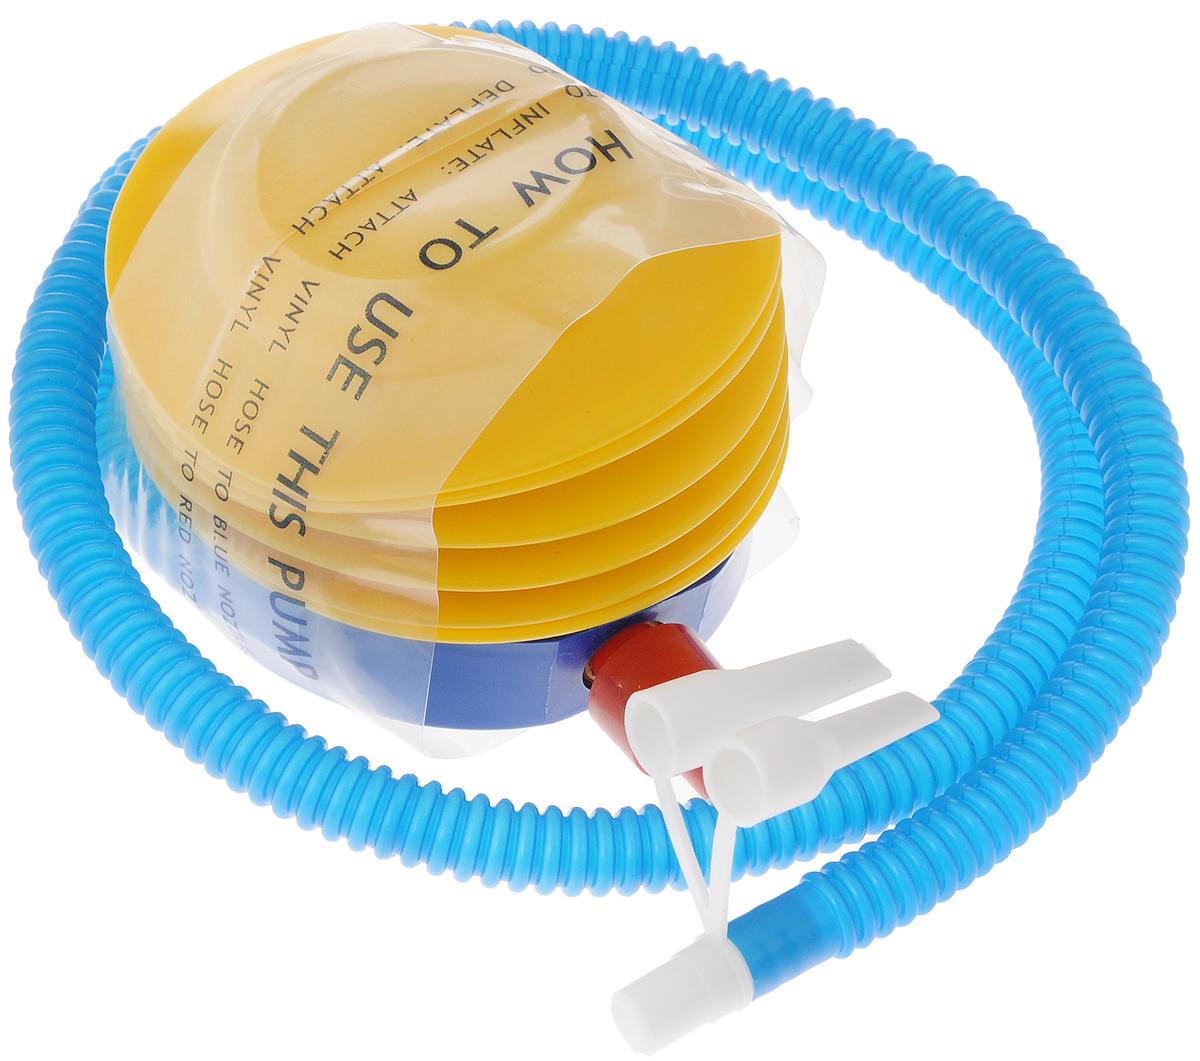 Насос для гимнастического мяча Starfit NSS-18УТ-00008418Star Fit NSS-18 - это ручной насос для накачивания гимнастического мяча и небольших надувных игрушек. Выполнен из пластика.В комплекте 3 насадки.Размер корпуса: 10 х 8,5 х 7 см.Длина шланга: 98 см.Гид по велоаксессуарам. Статья OZON Гид